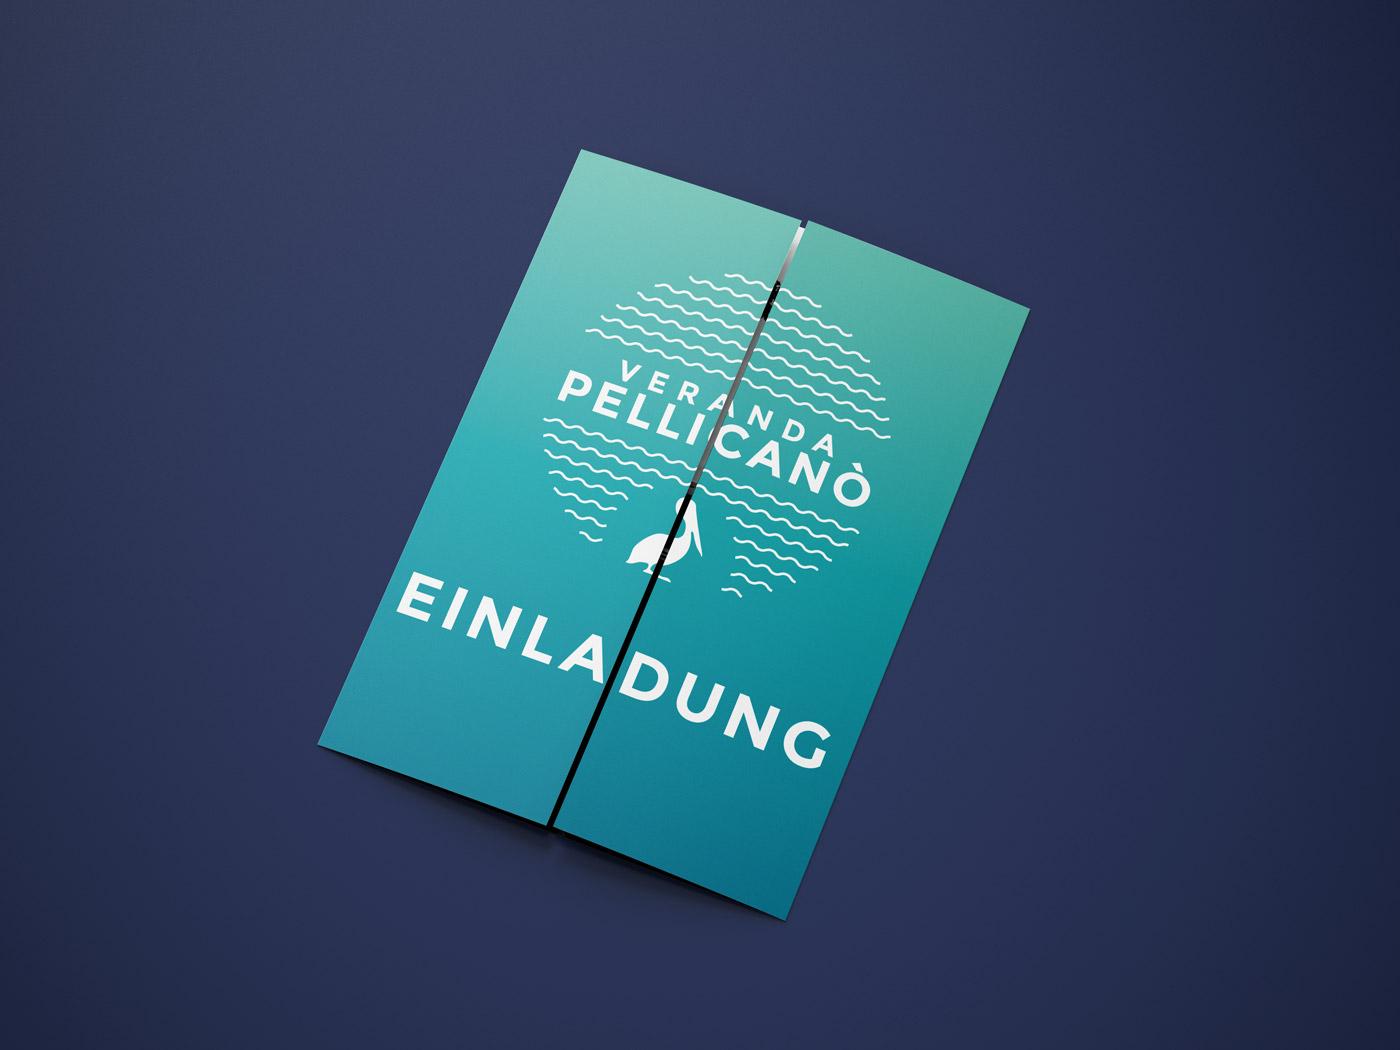 Einladung_Fensterfalz_Pellicano